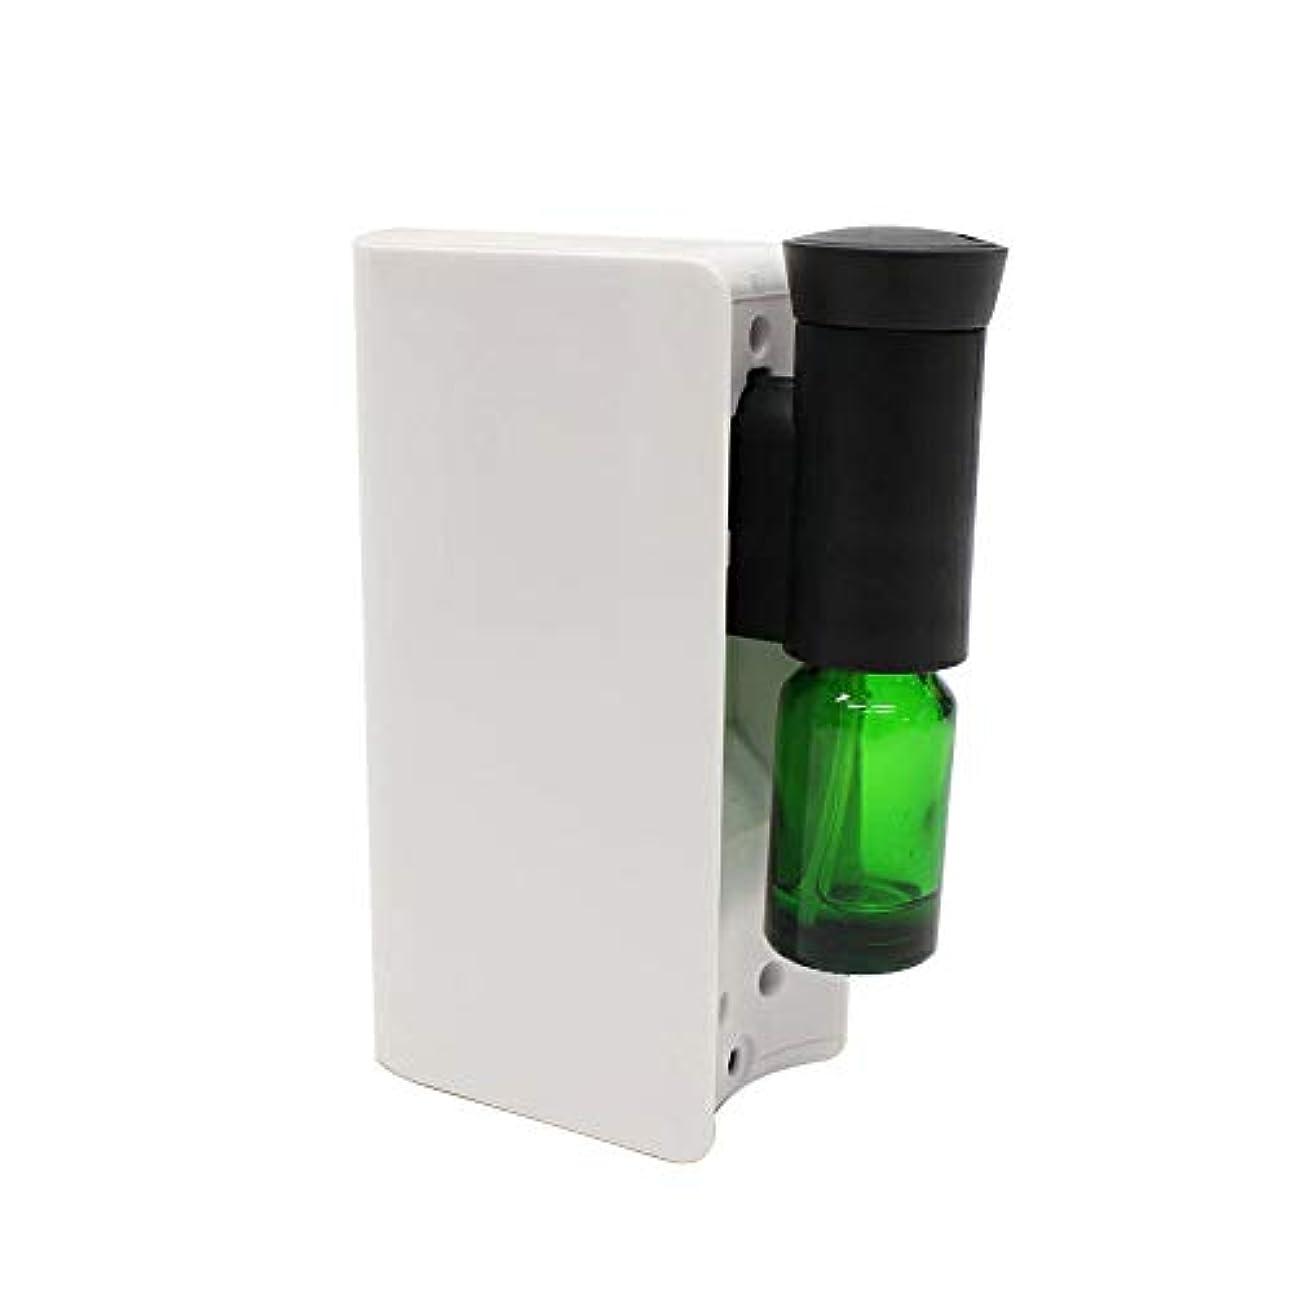 絶望デンマーク語さておき電池式アロマディフューザー 水を使わない ネブライザー式 アロマ ディフューザー アロマオイル対応 自動停止 ECOモード搭載 コンパクト 香り 癒し シンプル ホワイト